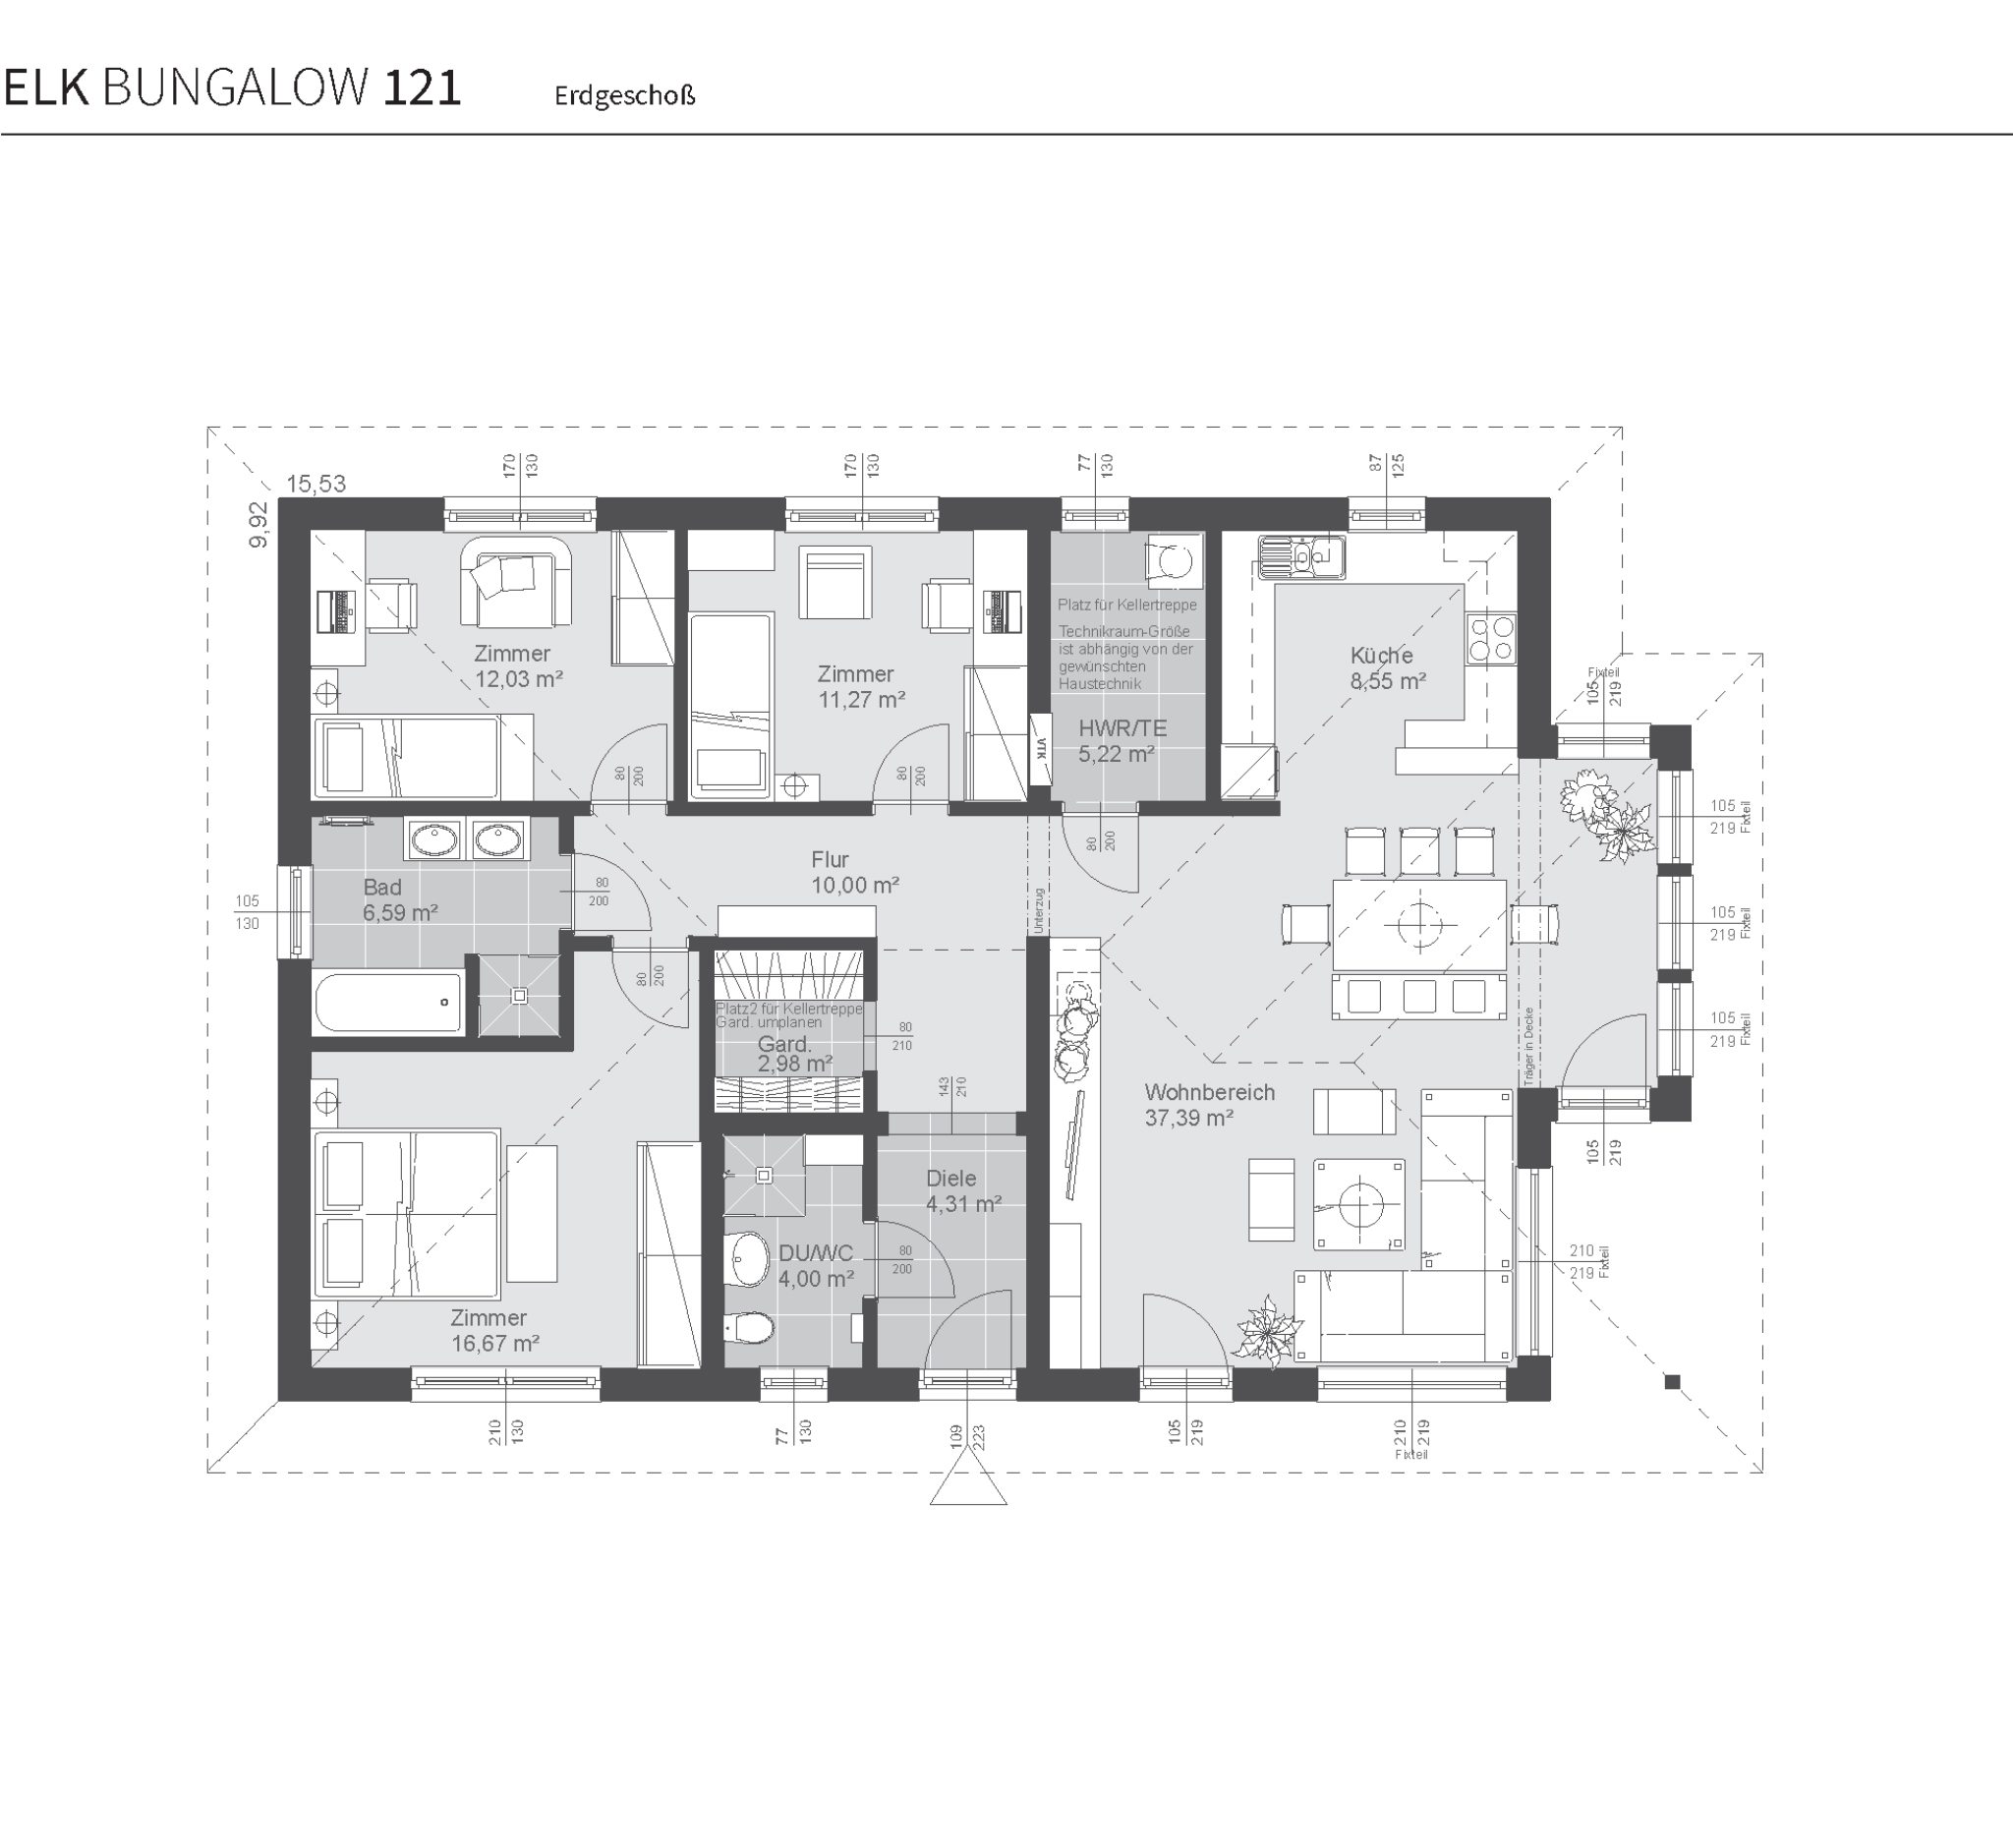 grundriss-fertighaus-elk-bungalow-121-erdgeschoss-walmdach